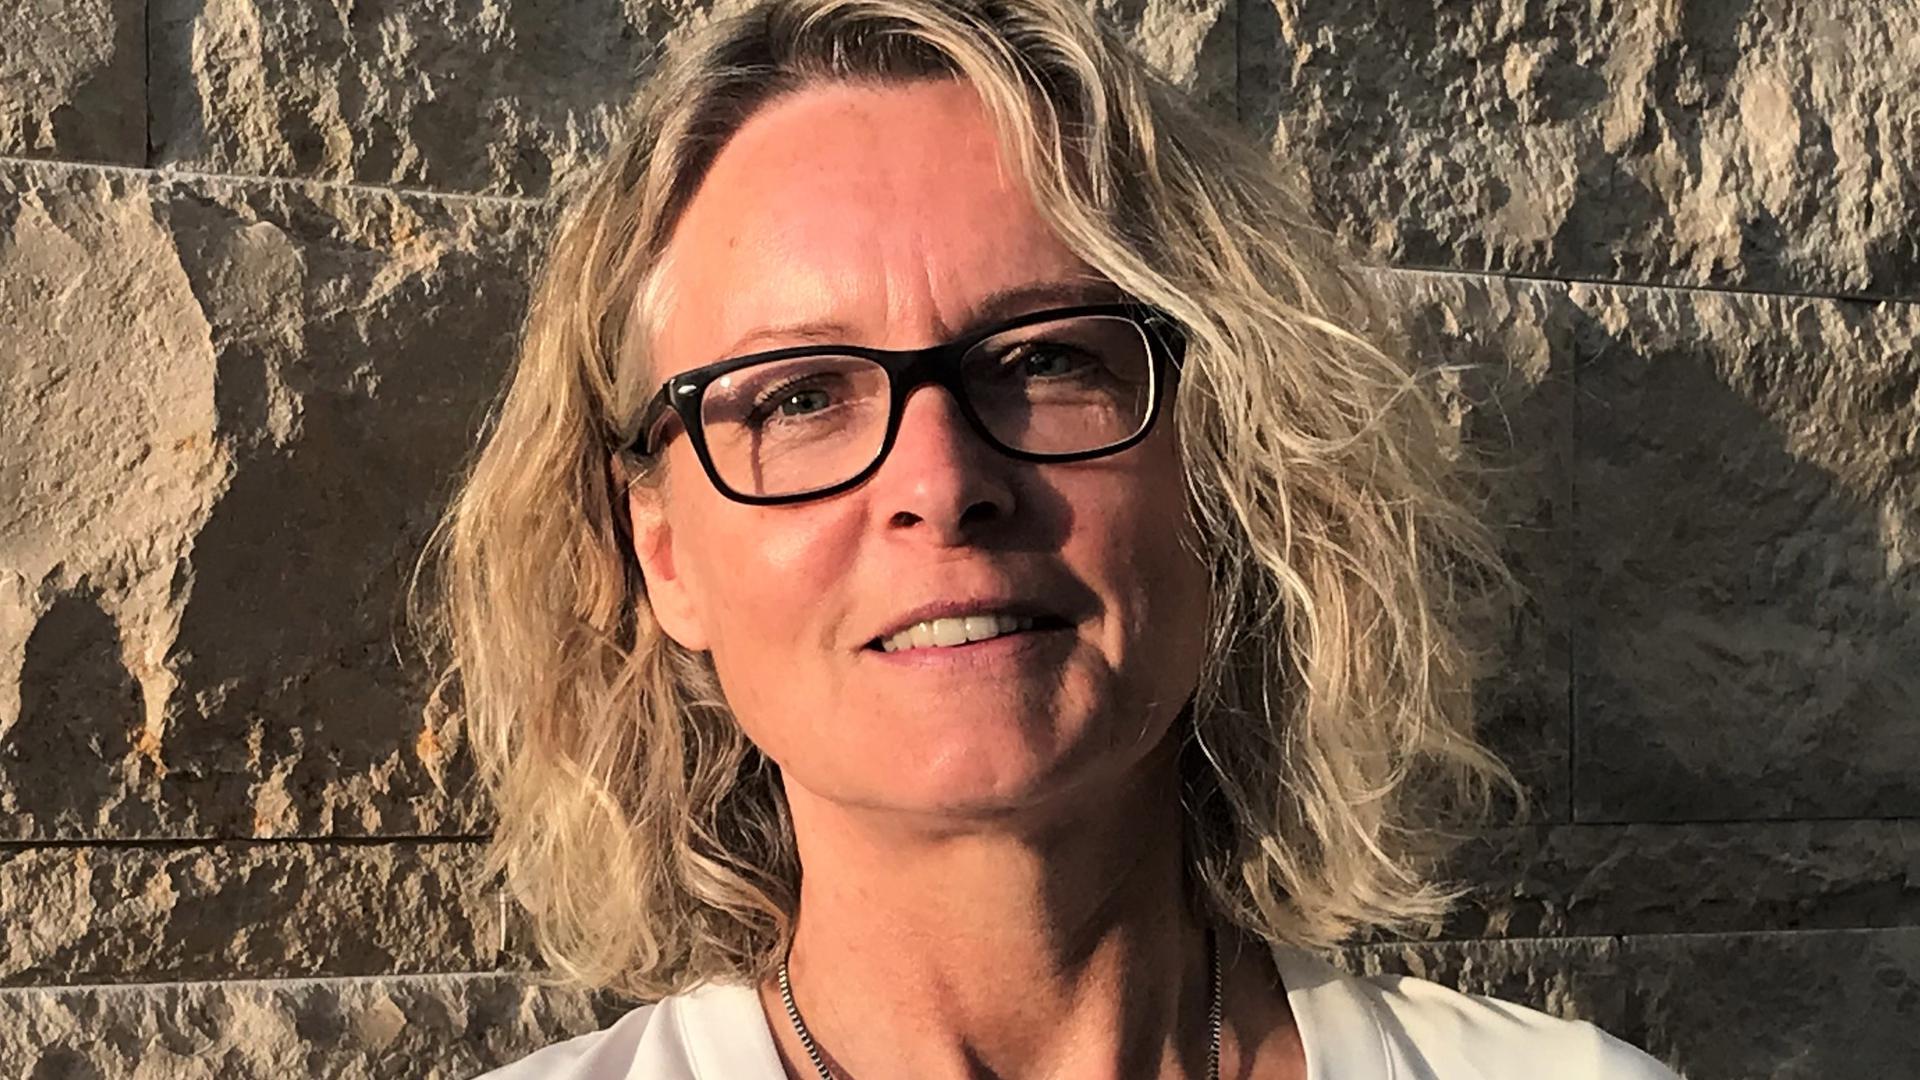 Karin Eyrer hat blonde Haare und trägt eine schwarze Brille. Sie steht vor einer Steinwand.